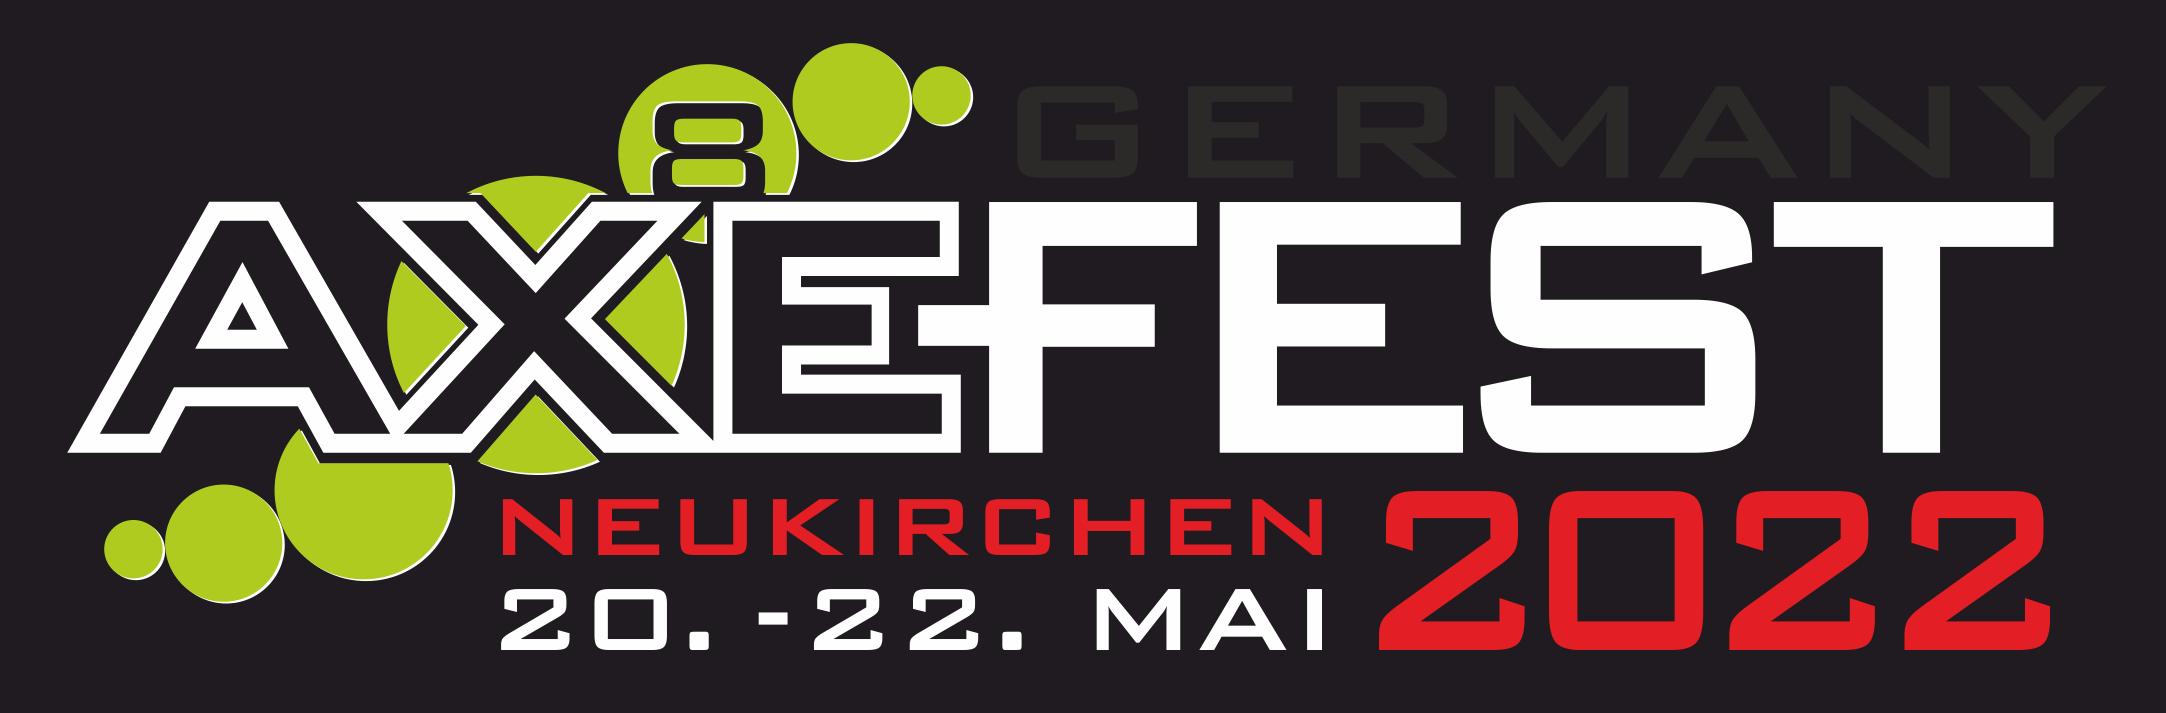 Axe-Fest 2022